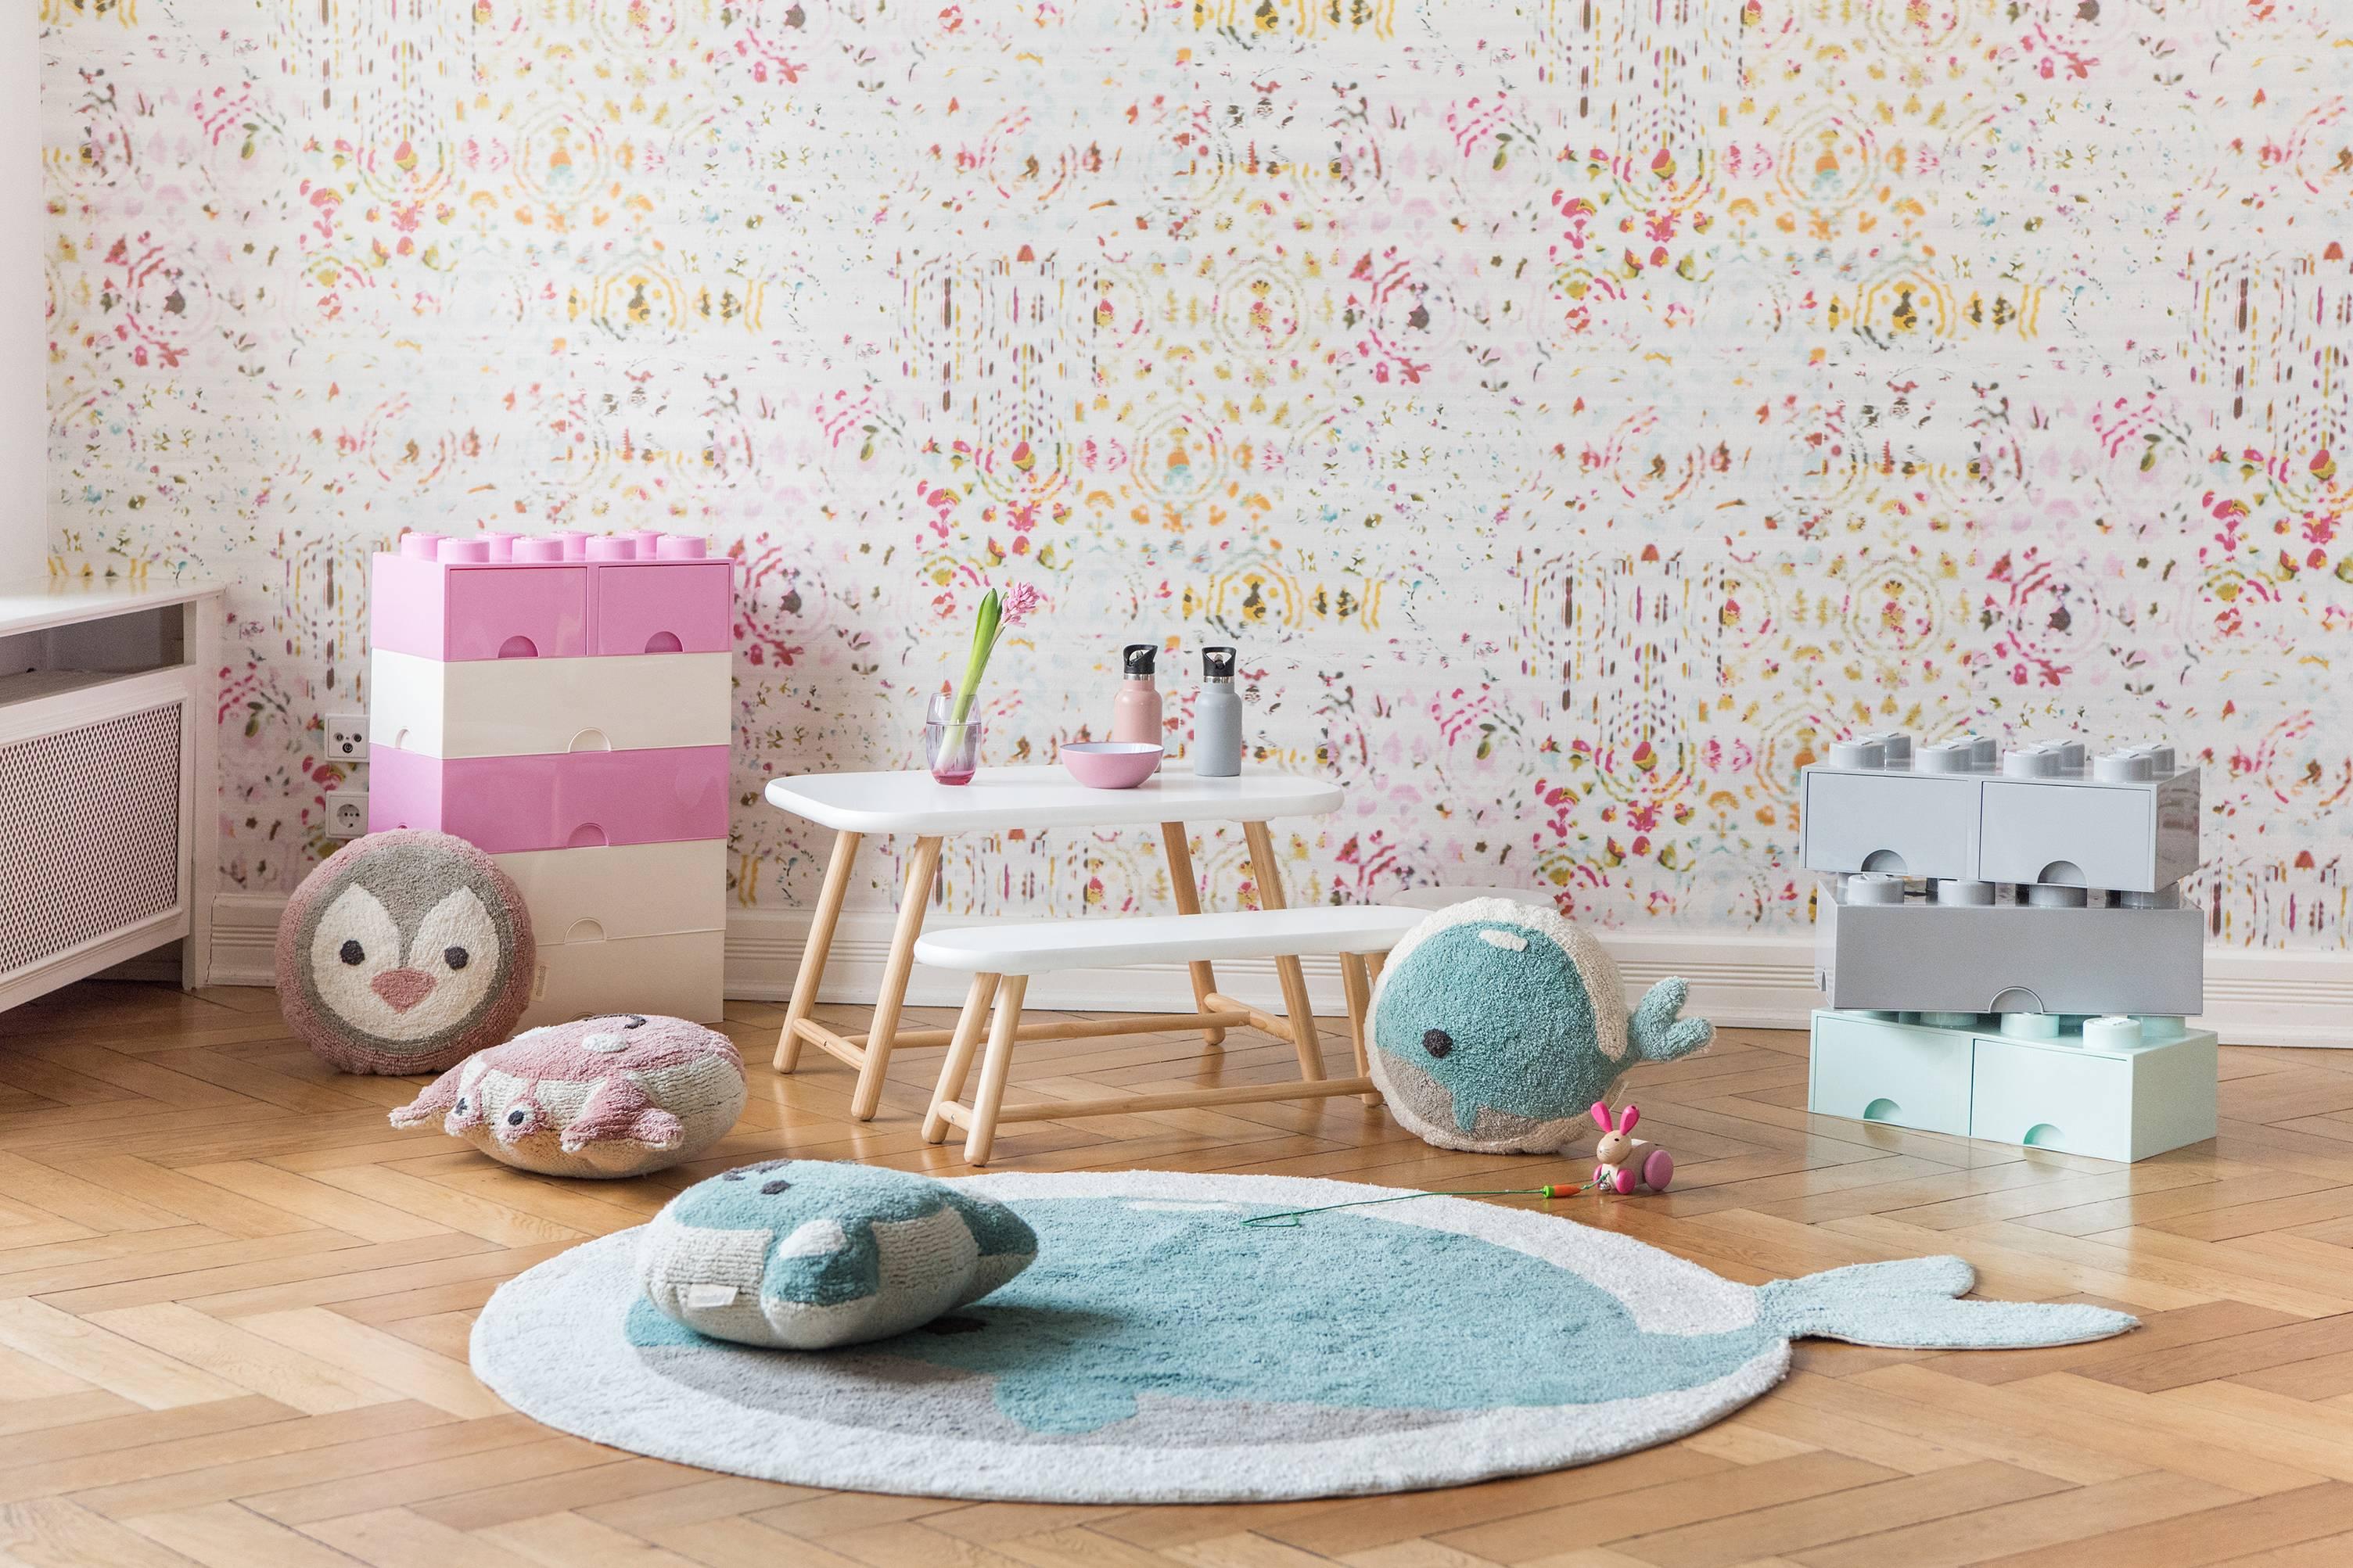 minividuals-Kinderteppiche-handgemacht-Einrichtung-Kinderzimmer